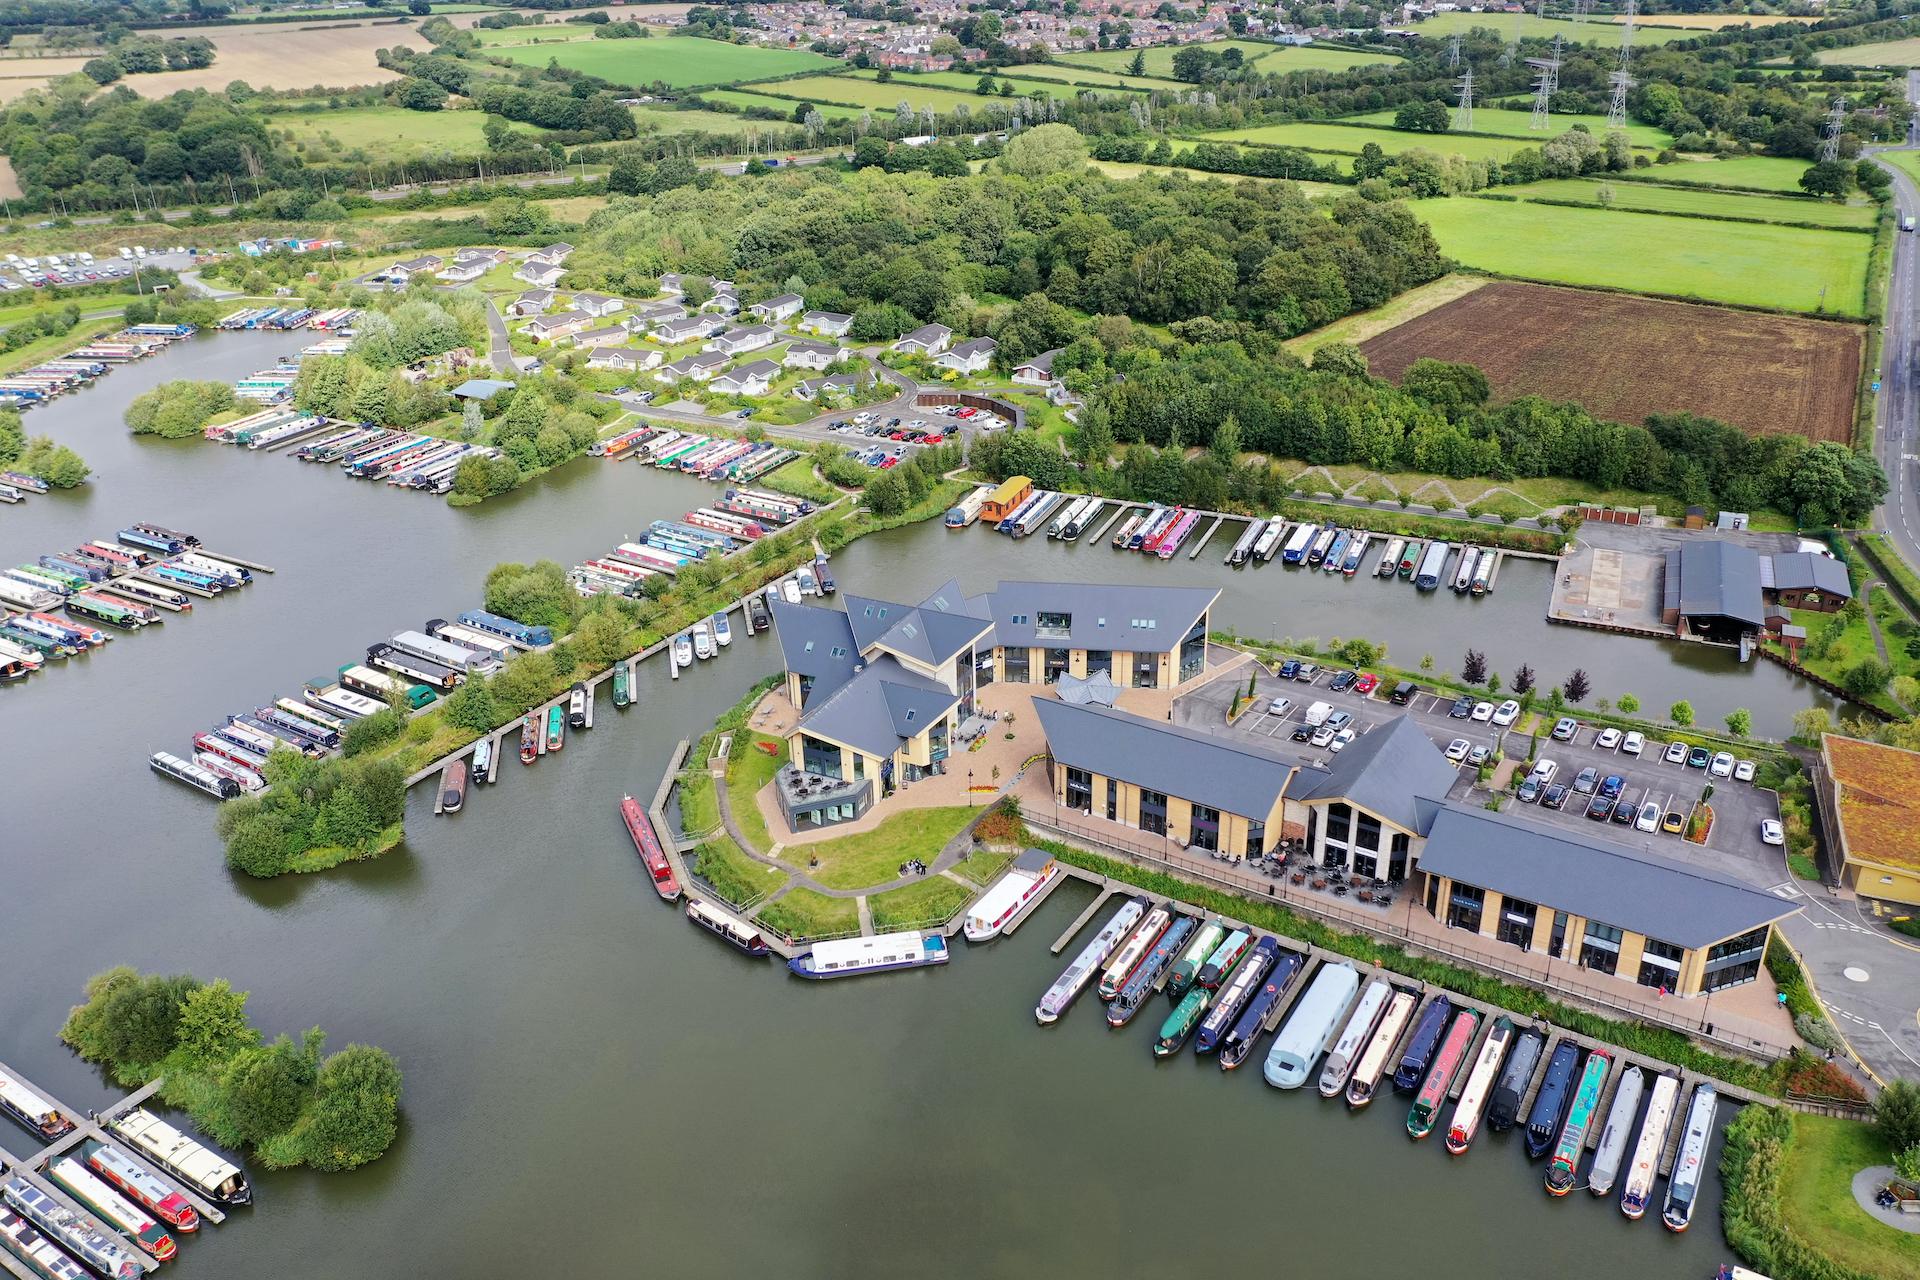 Mercia Marina, Derbyshire